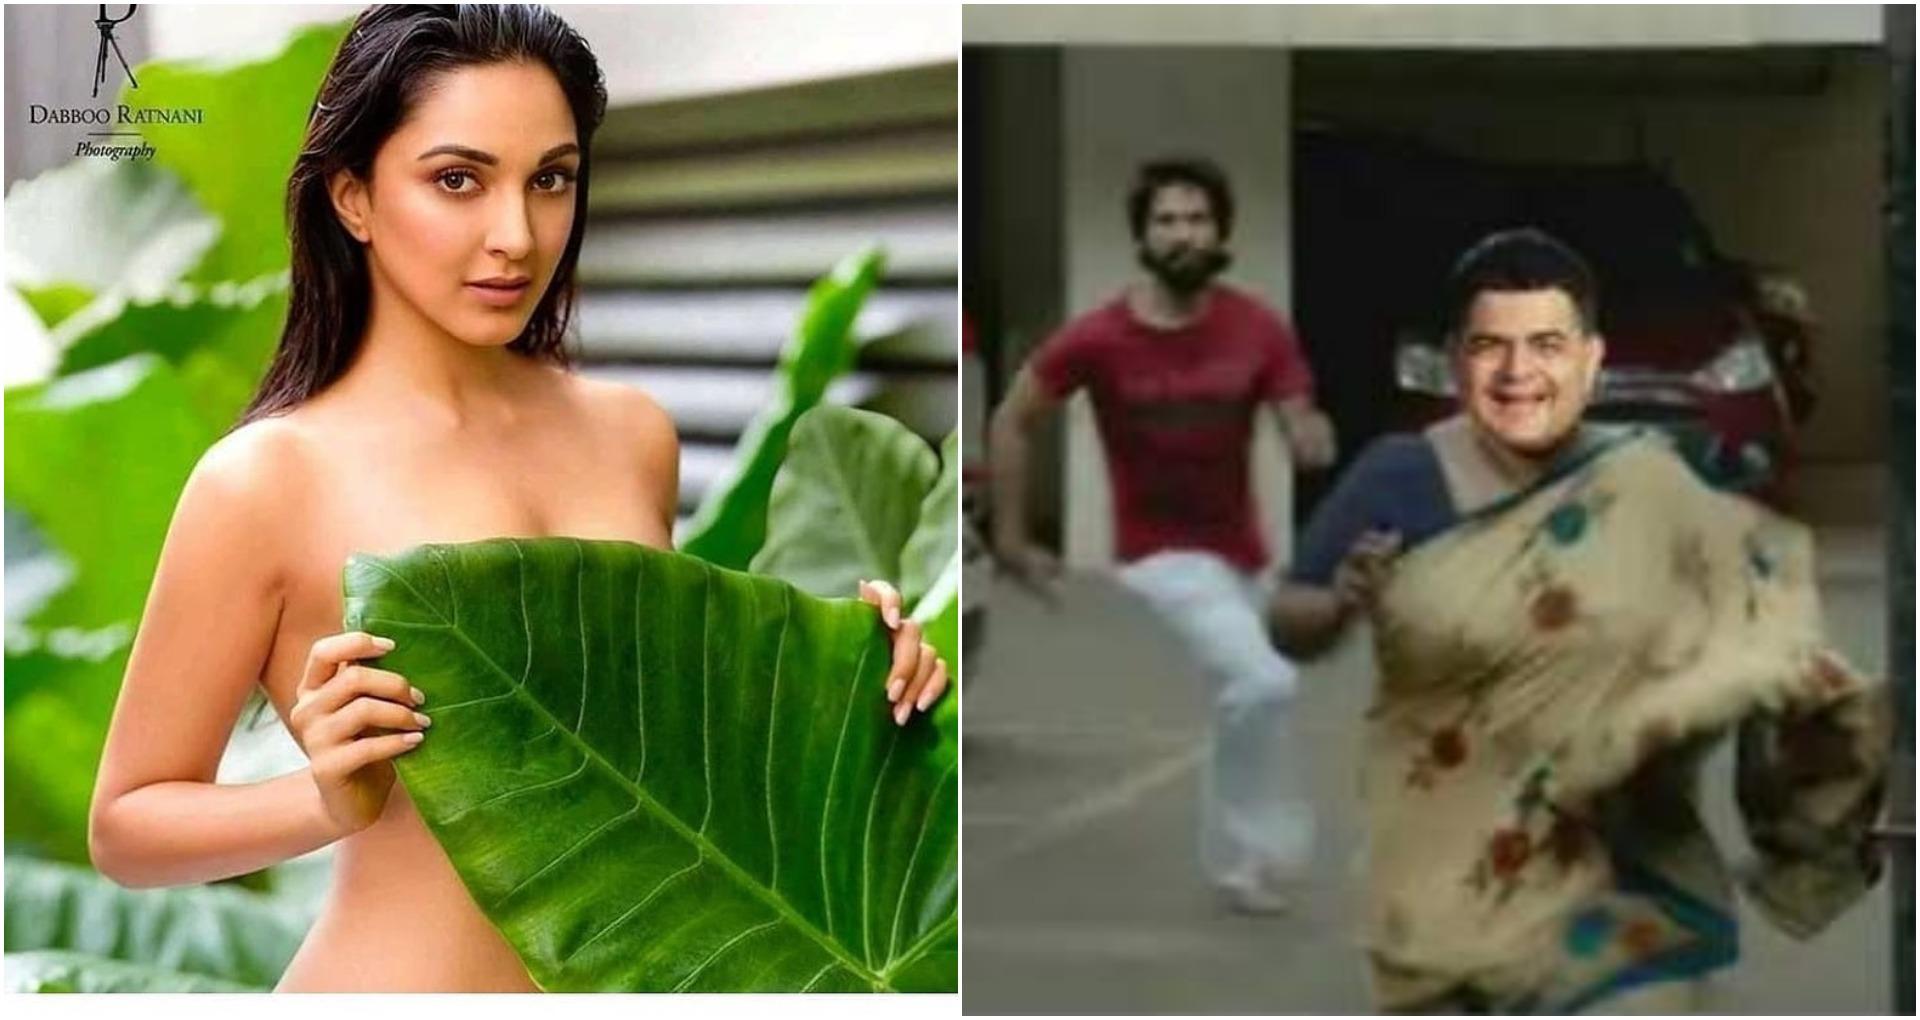 Dabboo Ratnani Calender 2020: दब्बू रत्नानी के कैलेंडर के लिए कियारा अडवाणी हुई टॉपलेस, ट्रोलर ने बनाये Memes